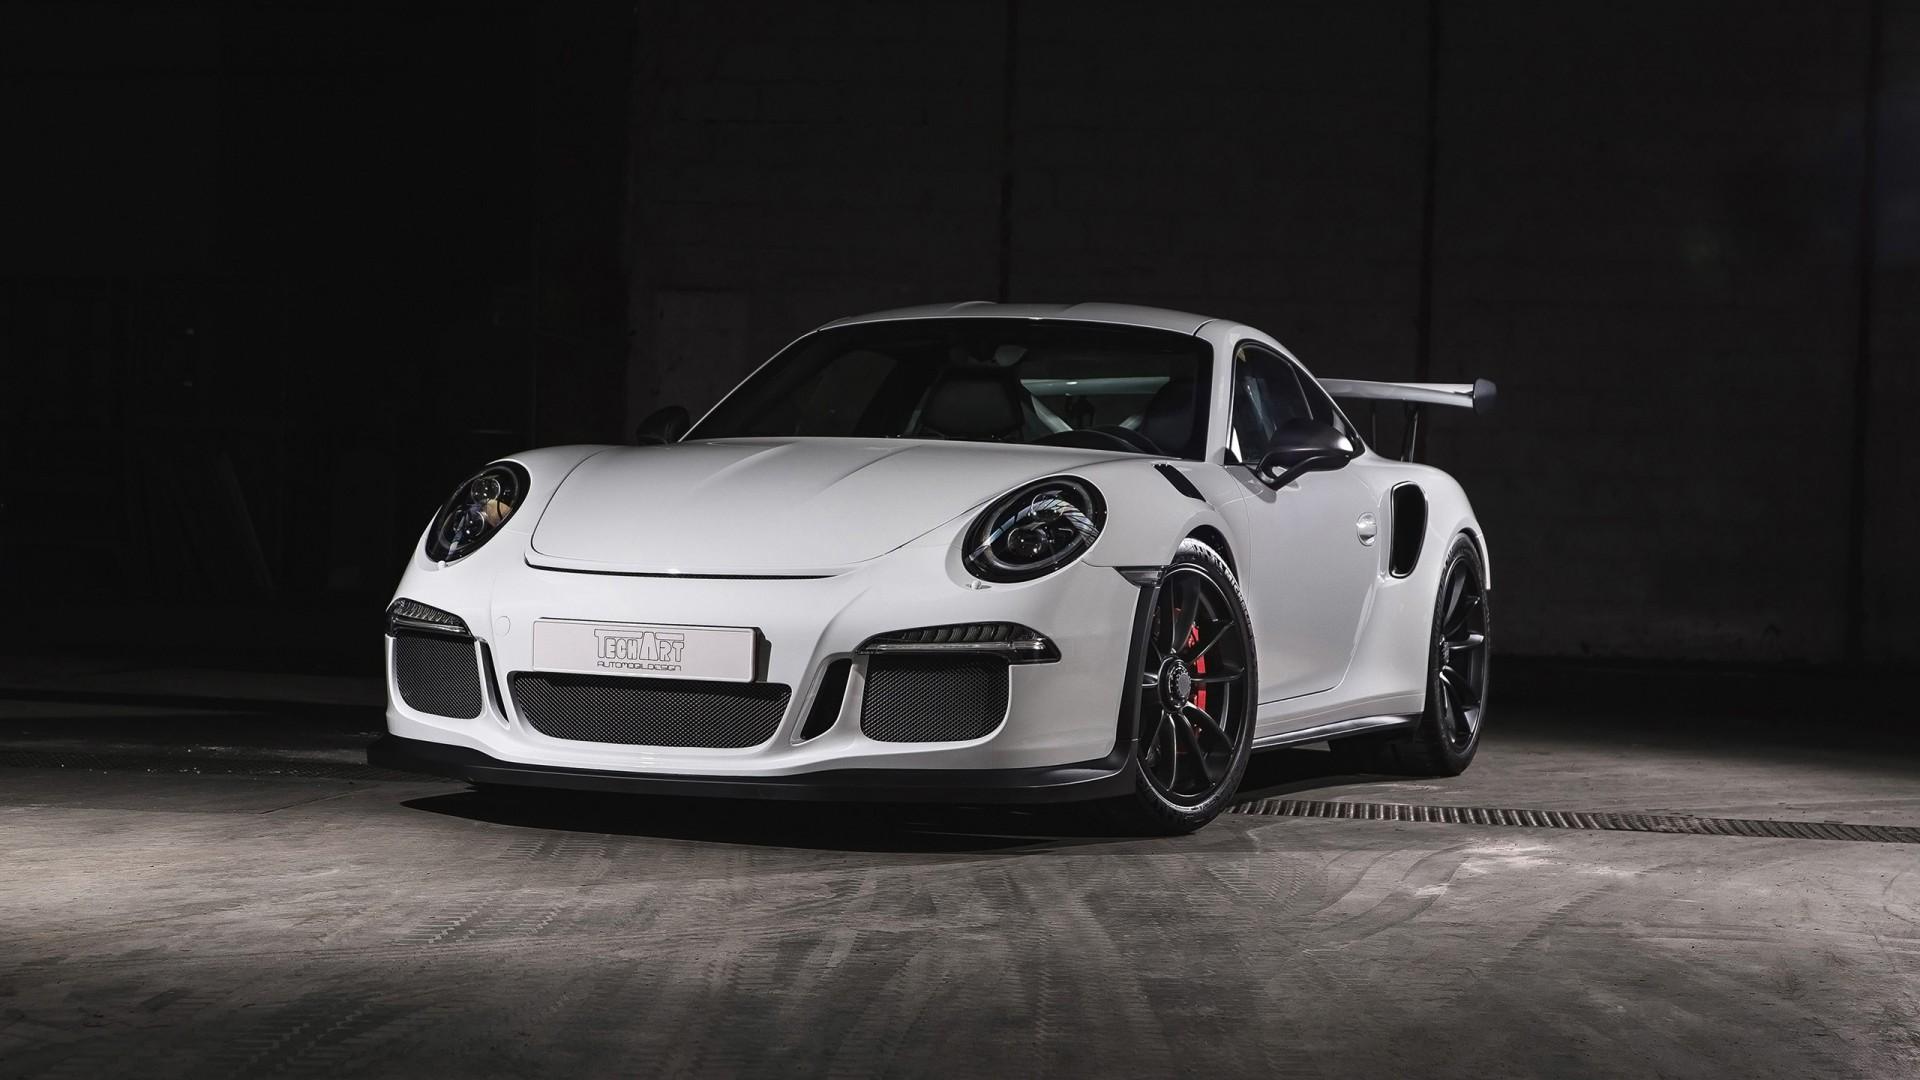 Porsche Gt3 Rs Blue 1920 X 1080: 2016 TechArt Porsche 911 GT3 RS Carbon Sport Wallpaper